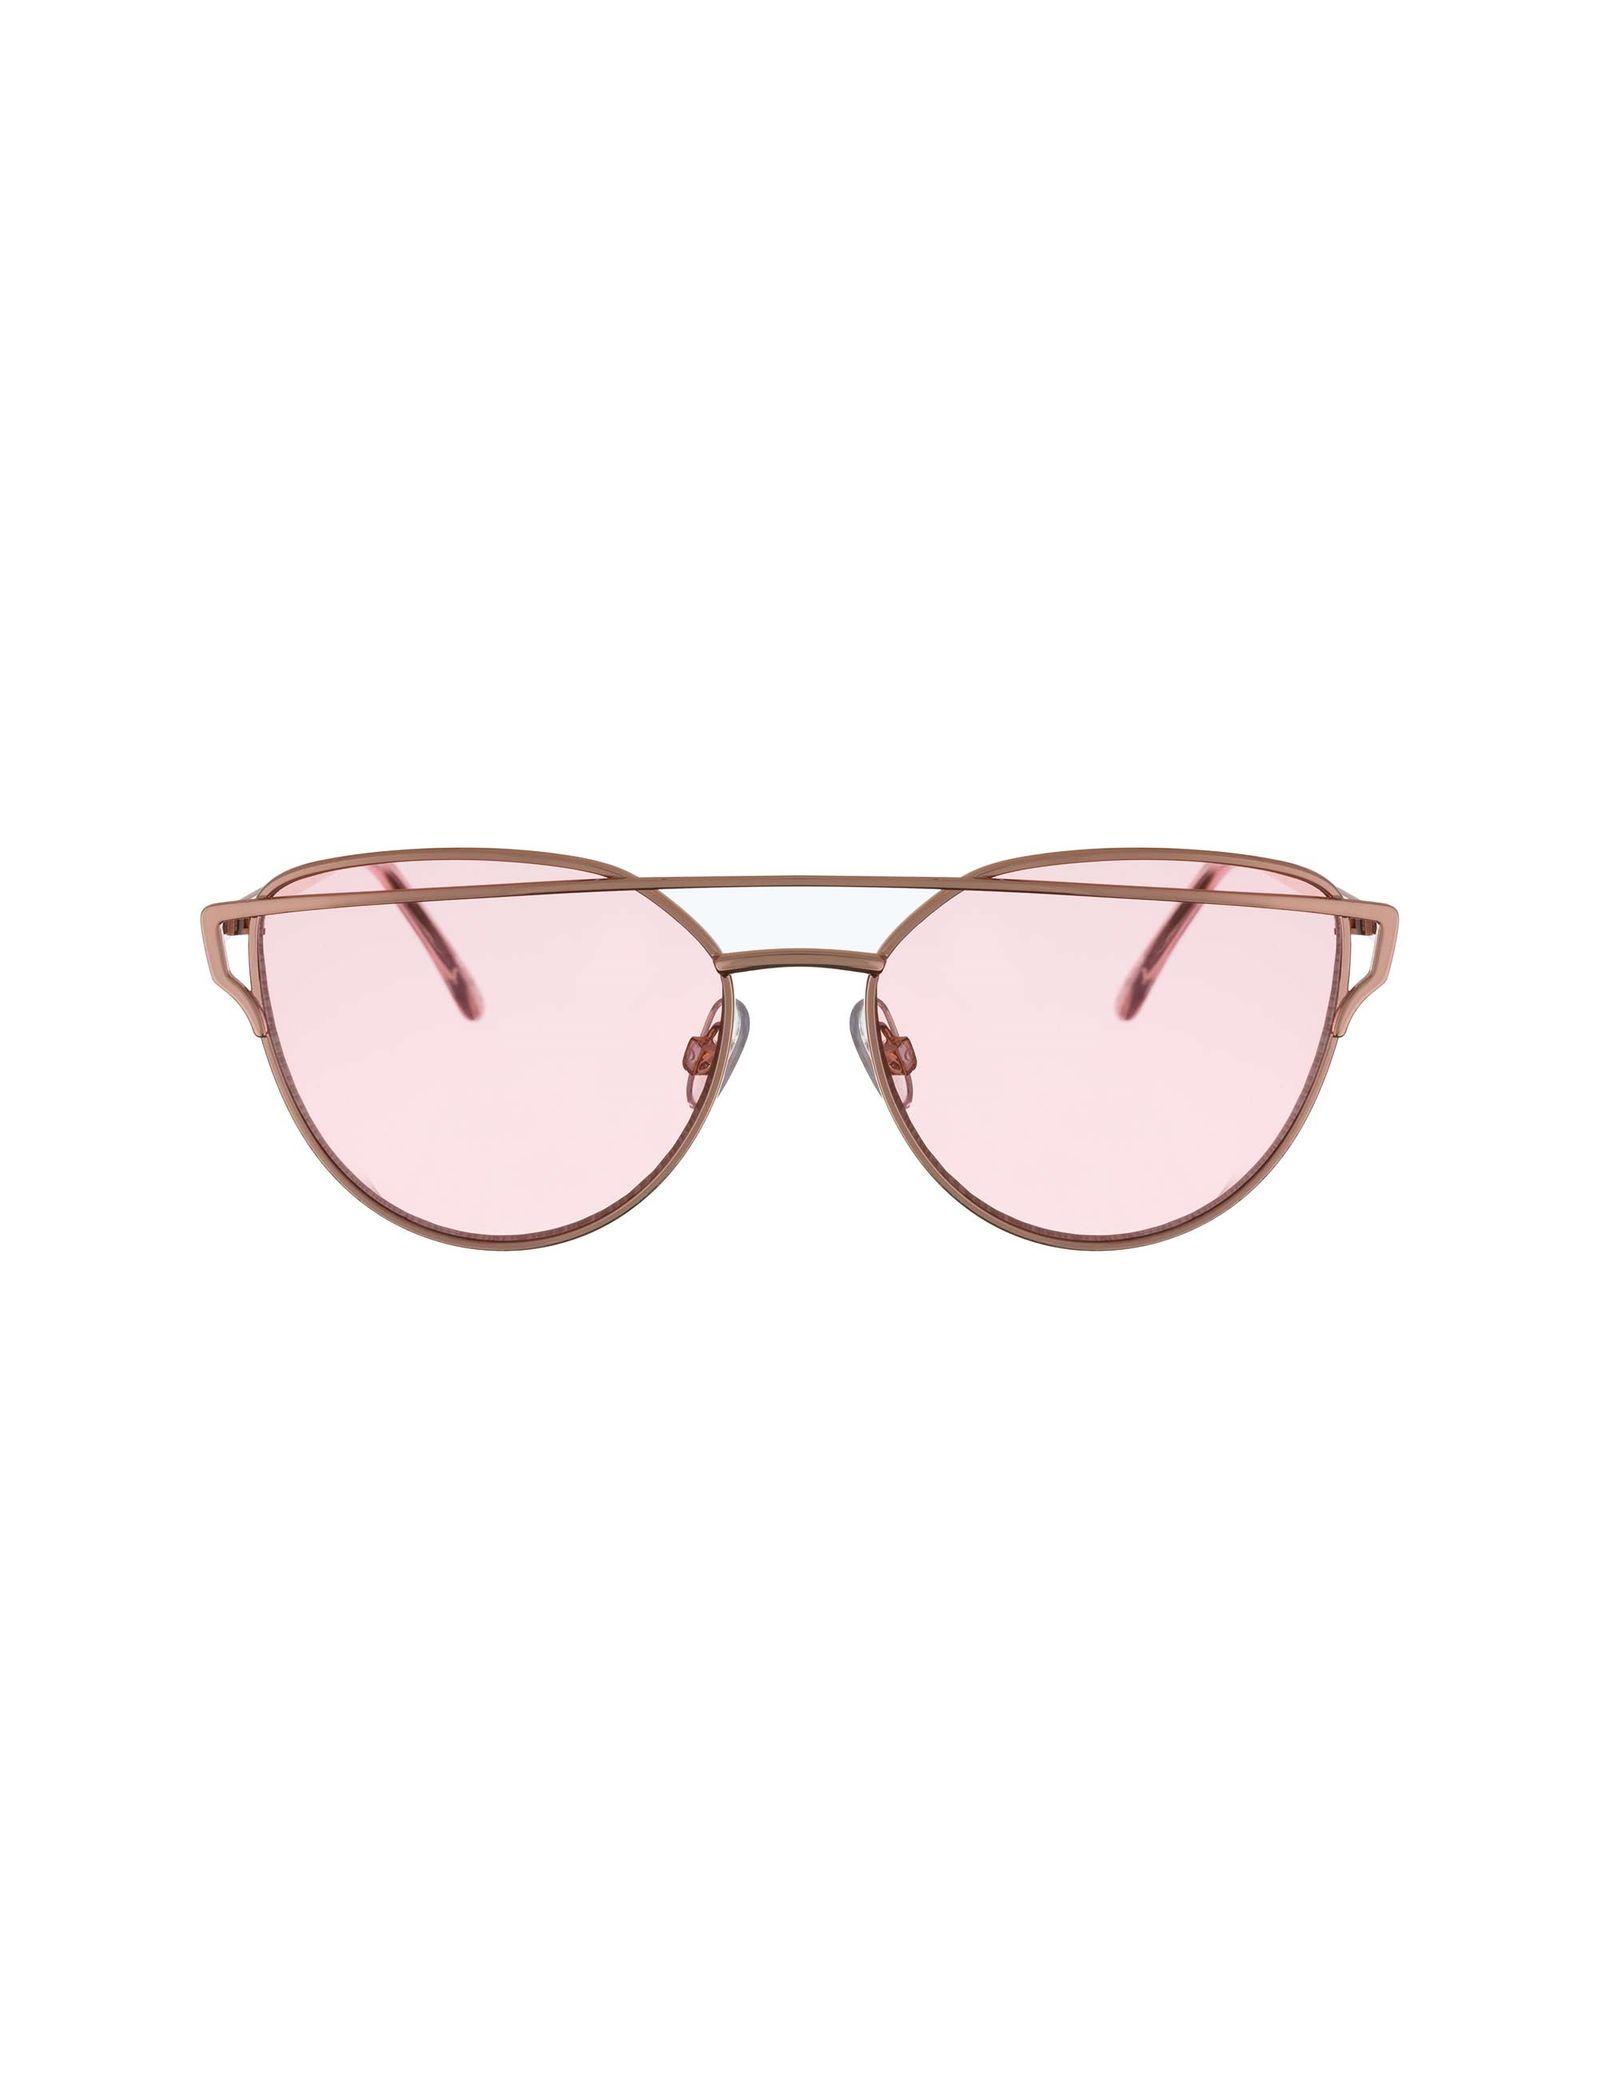 عینک آفتابی گربه ای زنانه - آلدو - طلايي - 1